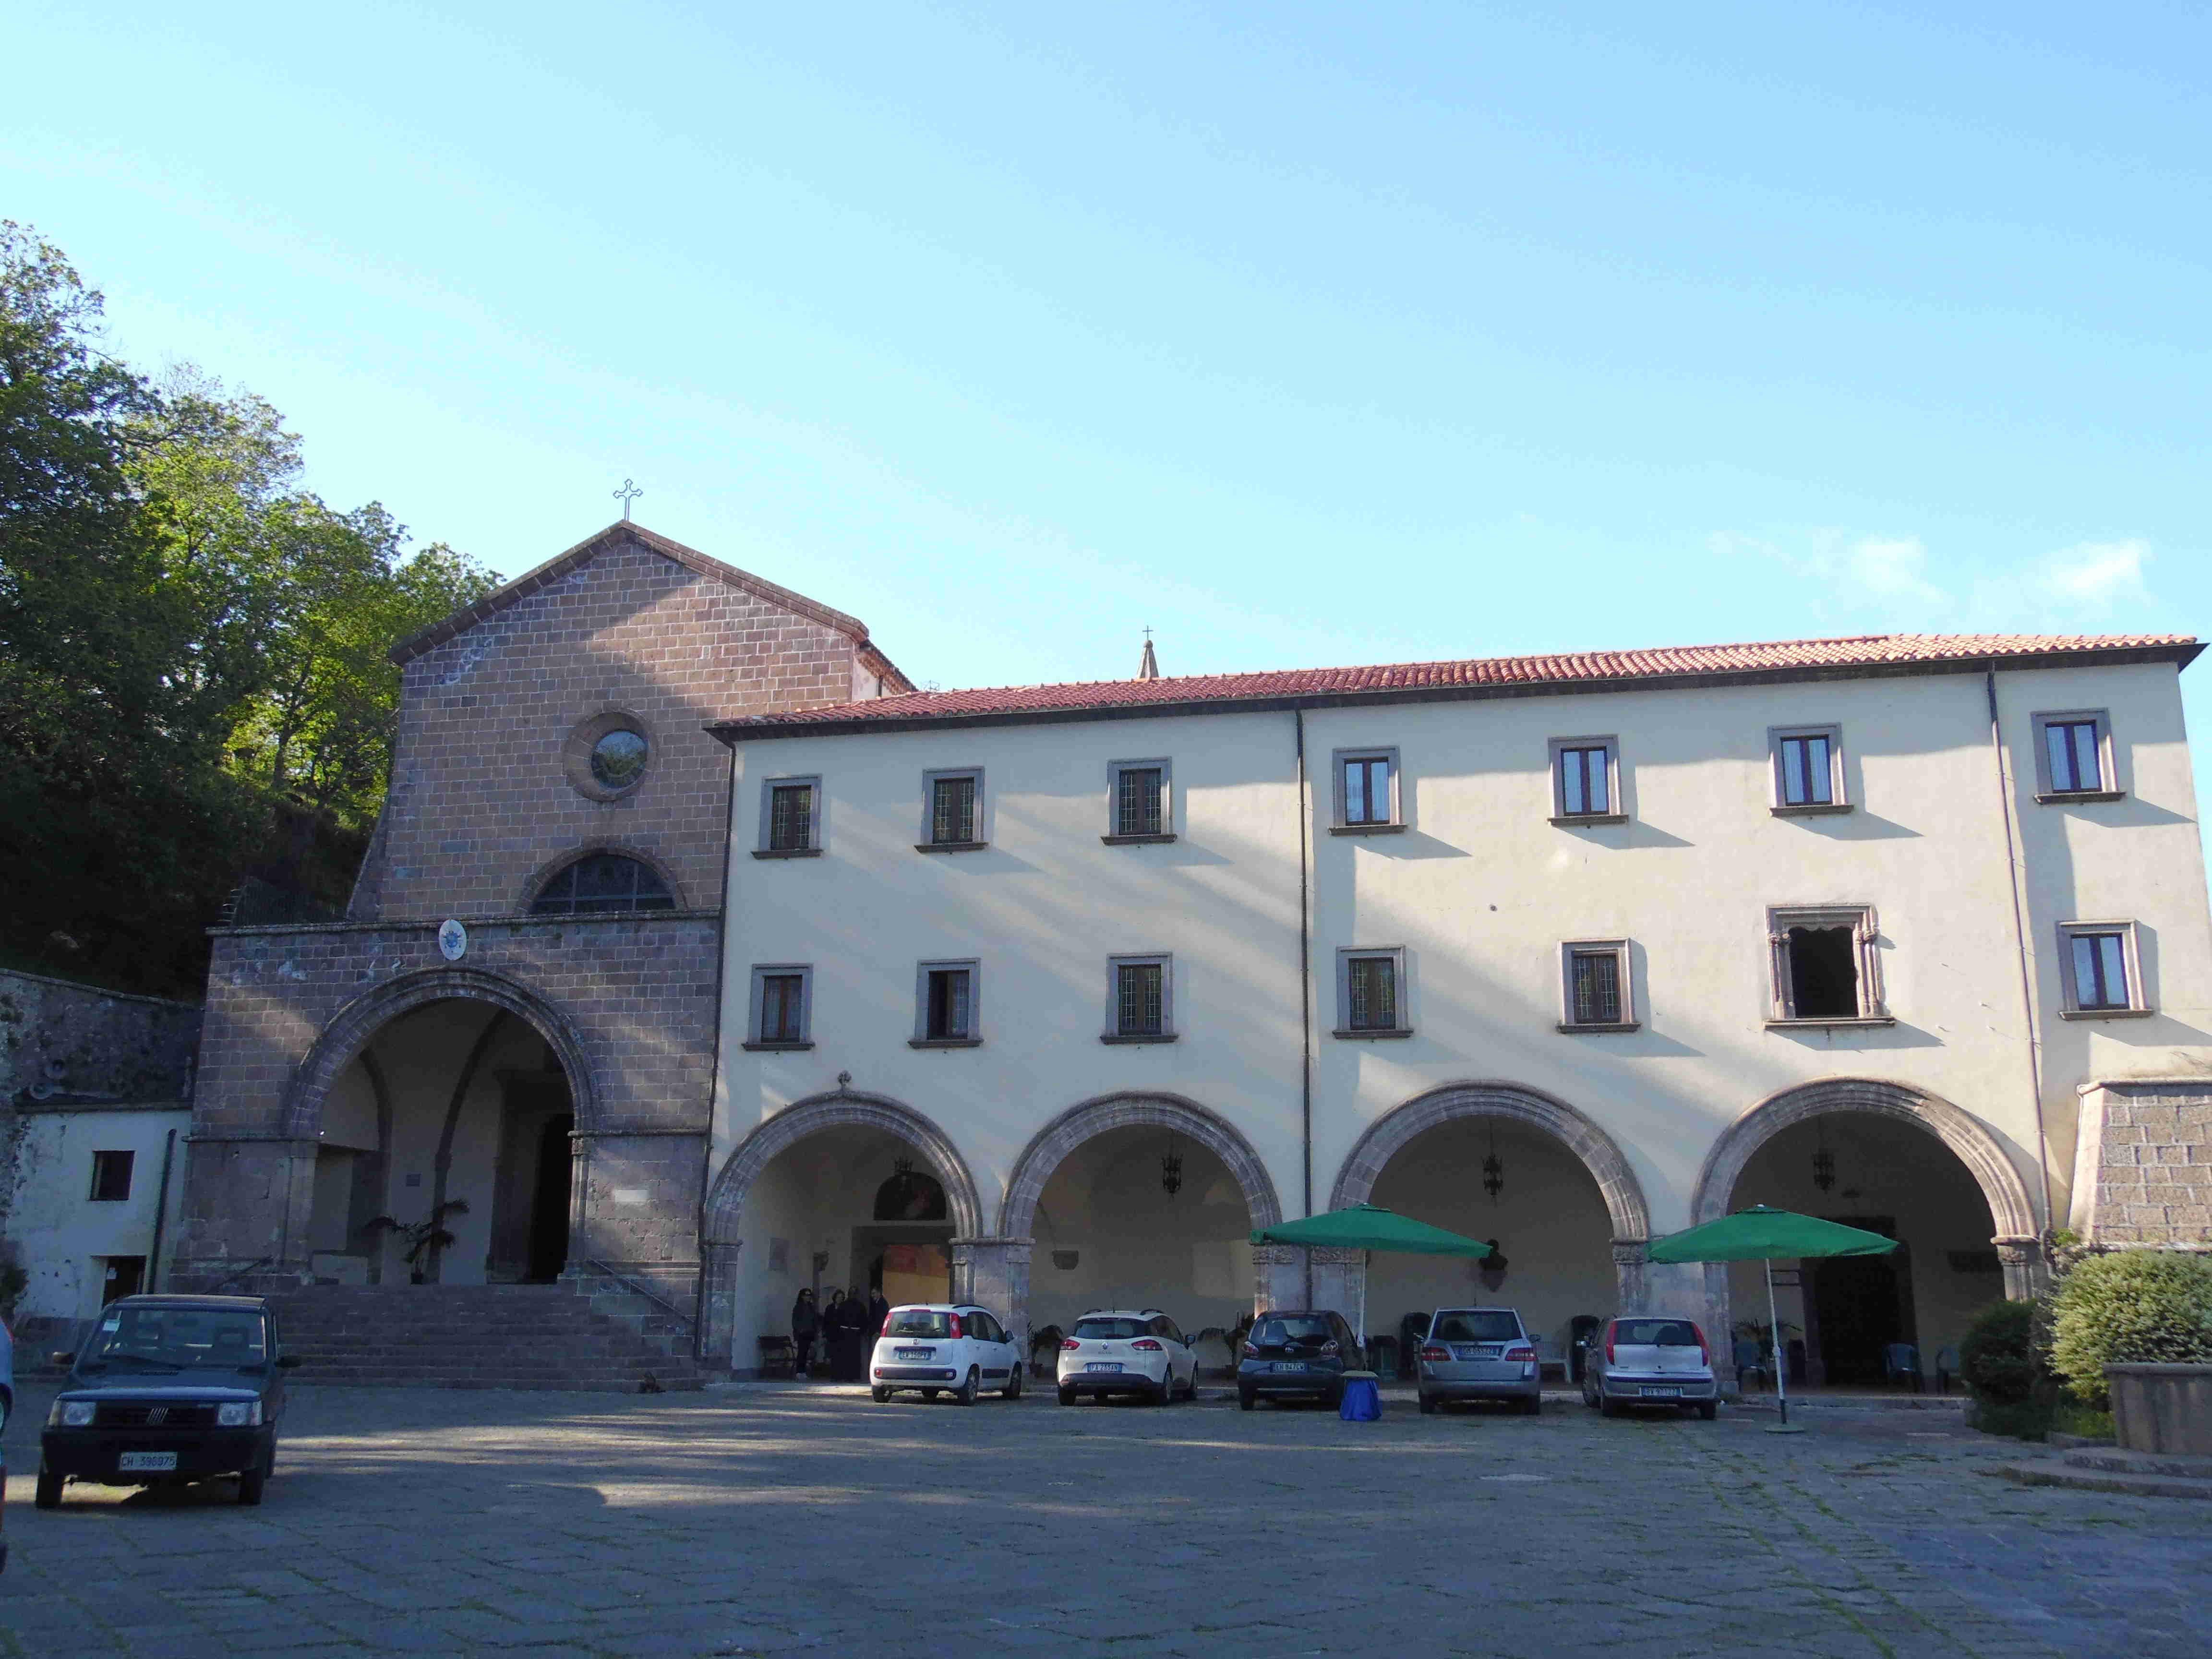 Pellegrinaggio Mariano 18-5-2018 (39)